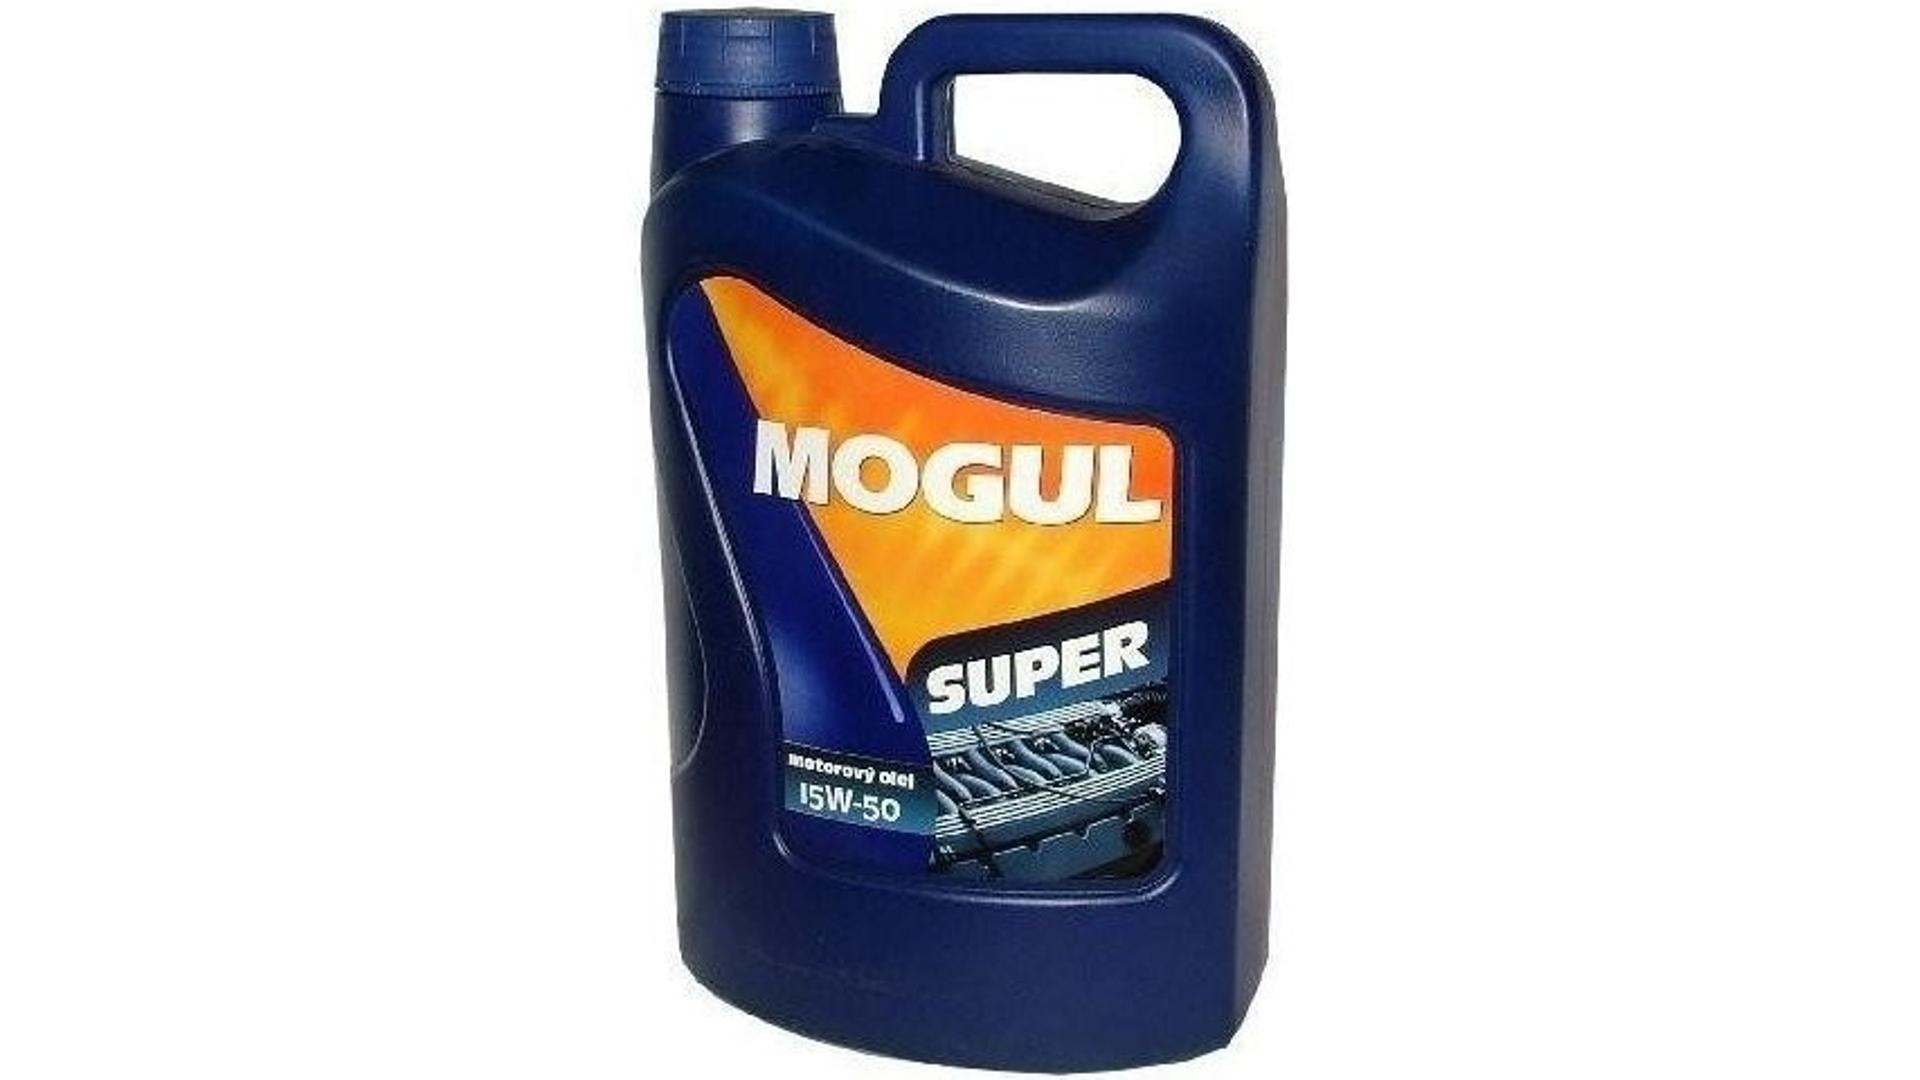 MOGUL SUPER 15W-50 (M8AD) /4